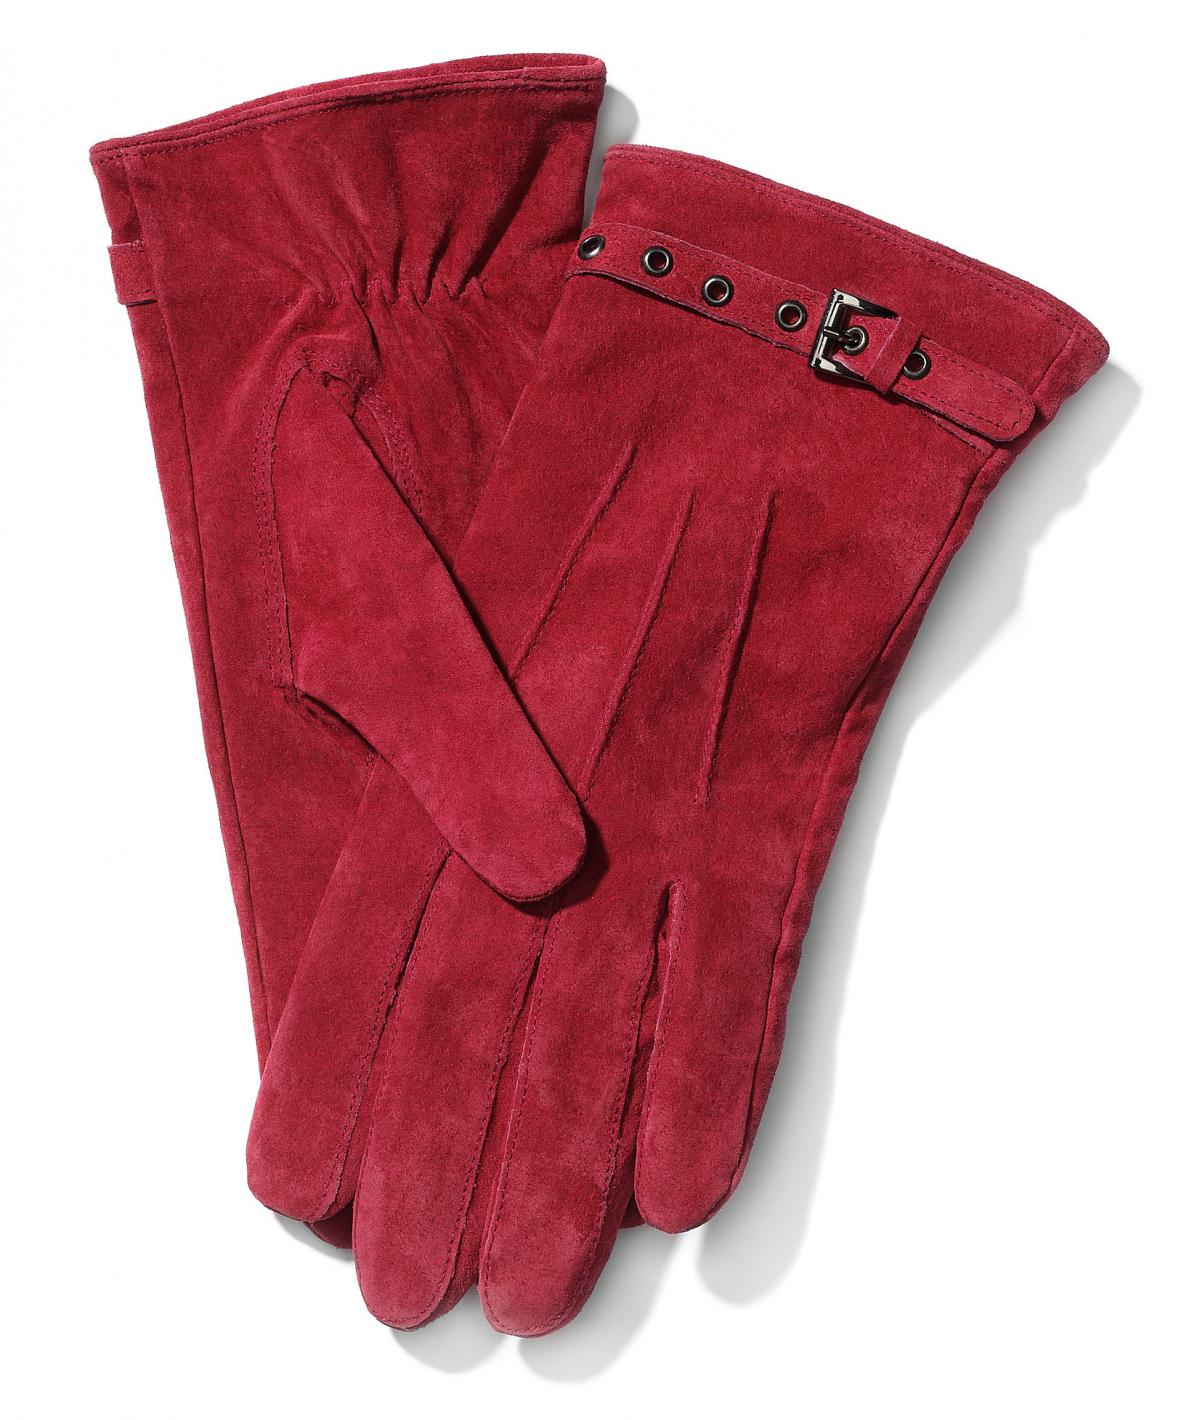 bordowe rękawiczki Mohito z zamszu - zima 2011/2012